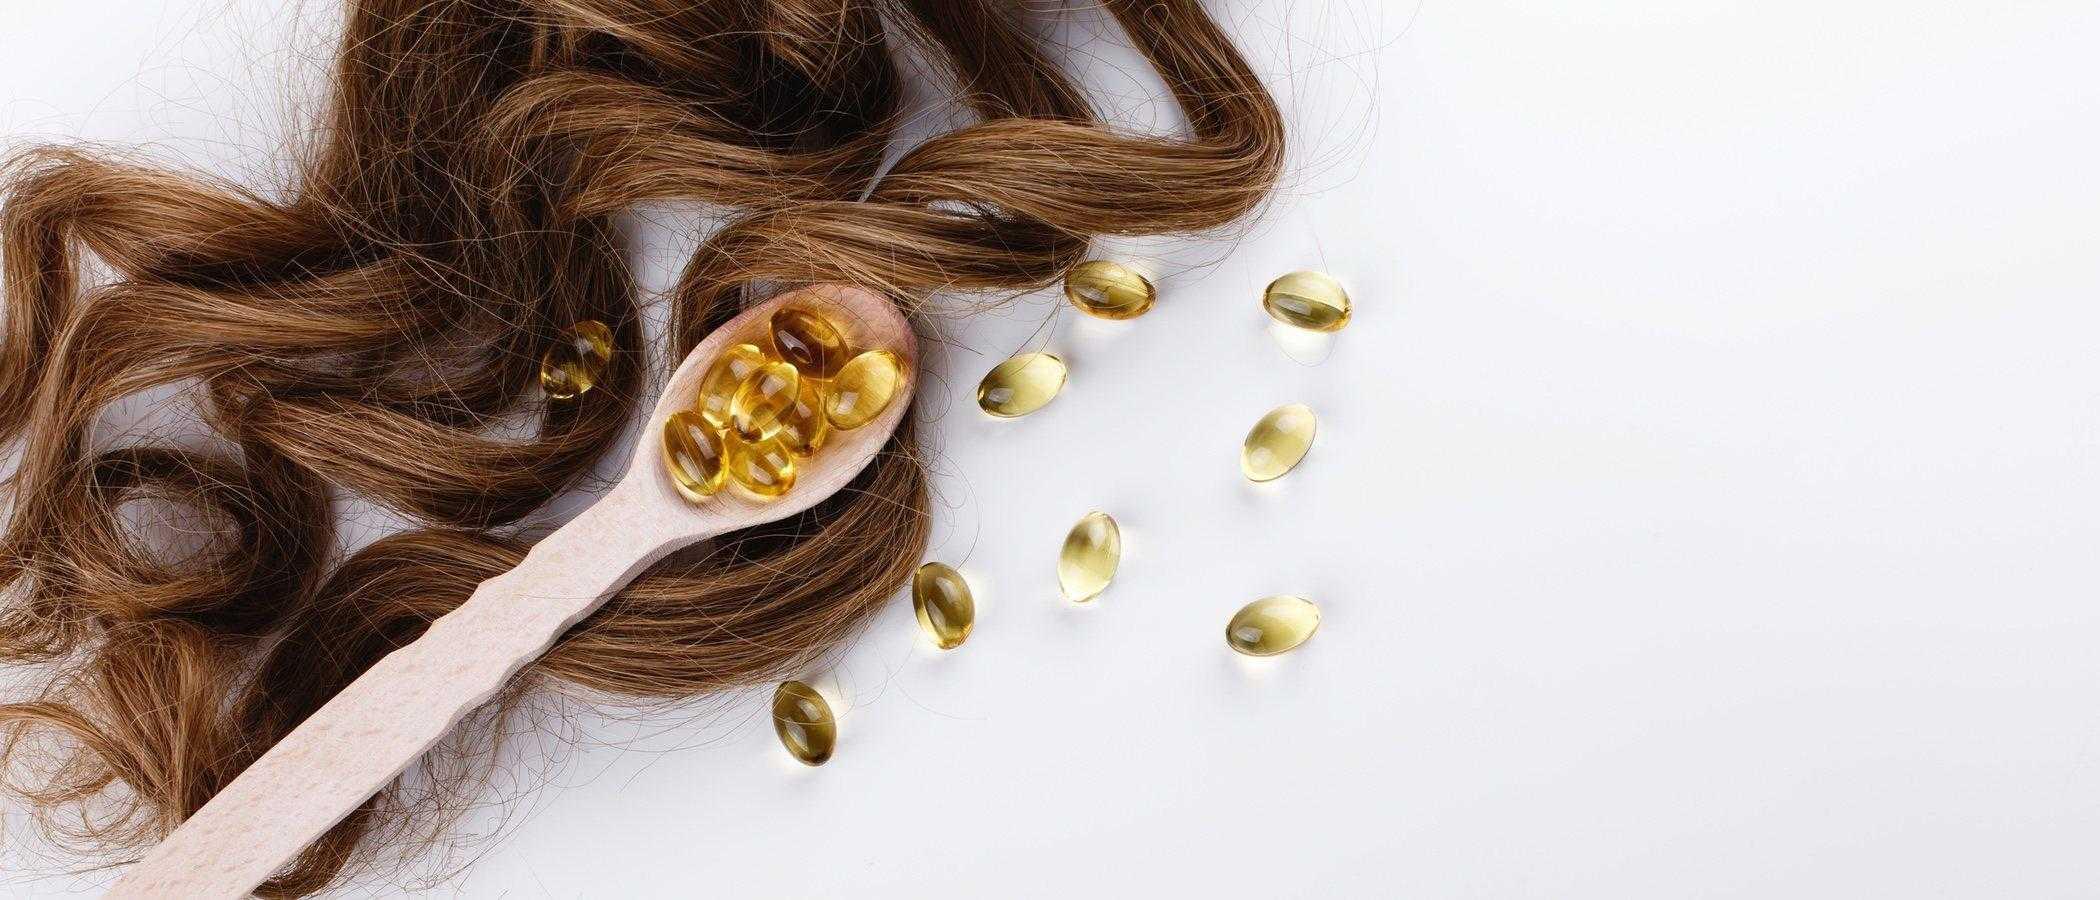 Продукты от выпадения волос у женщин, мужчин: топ-10 укрепляющих